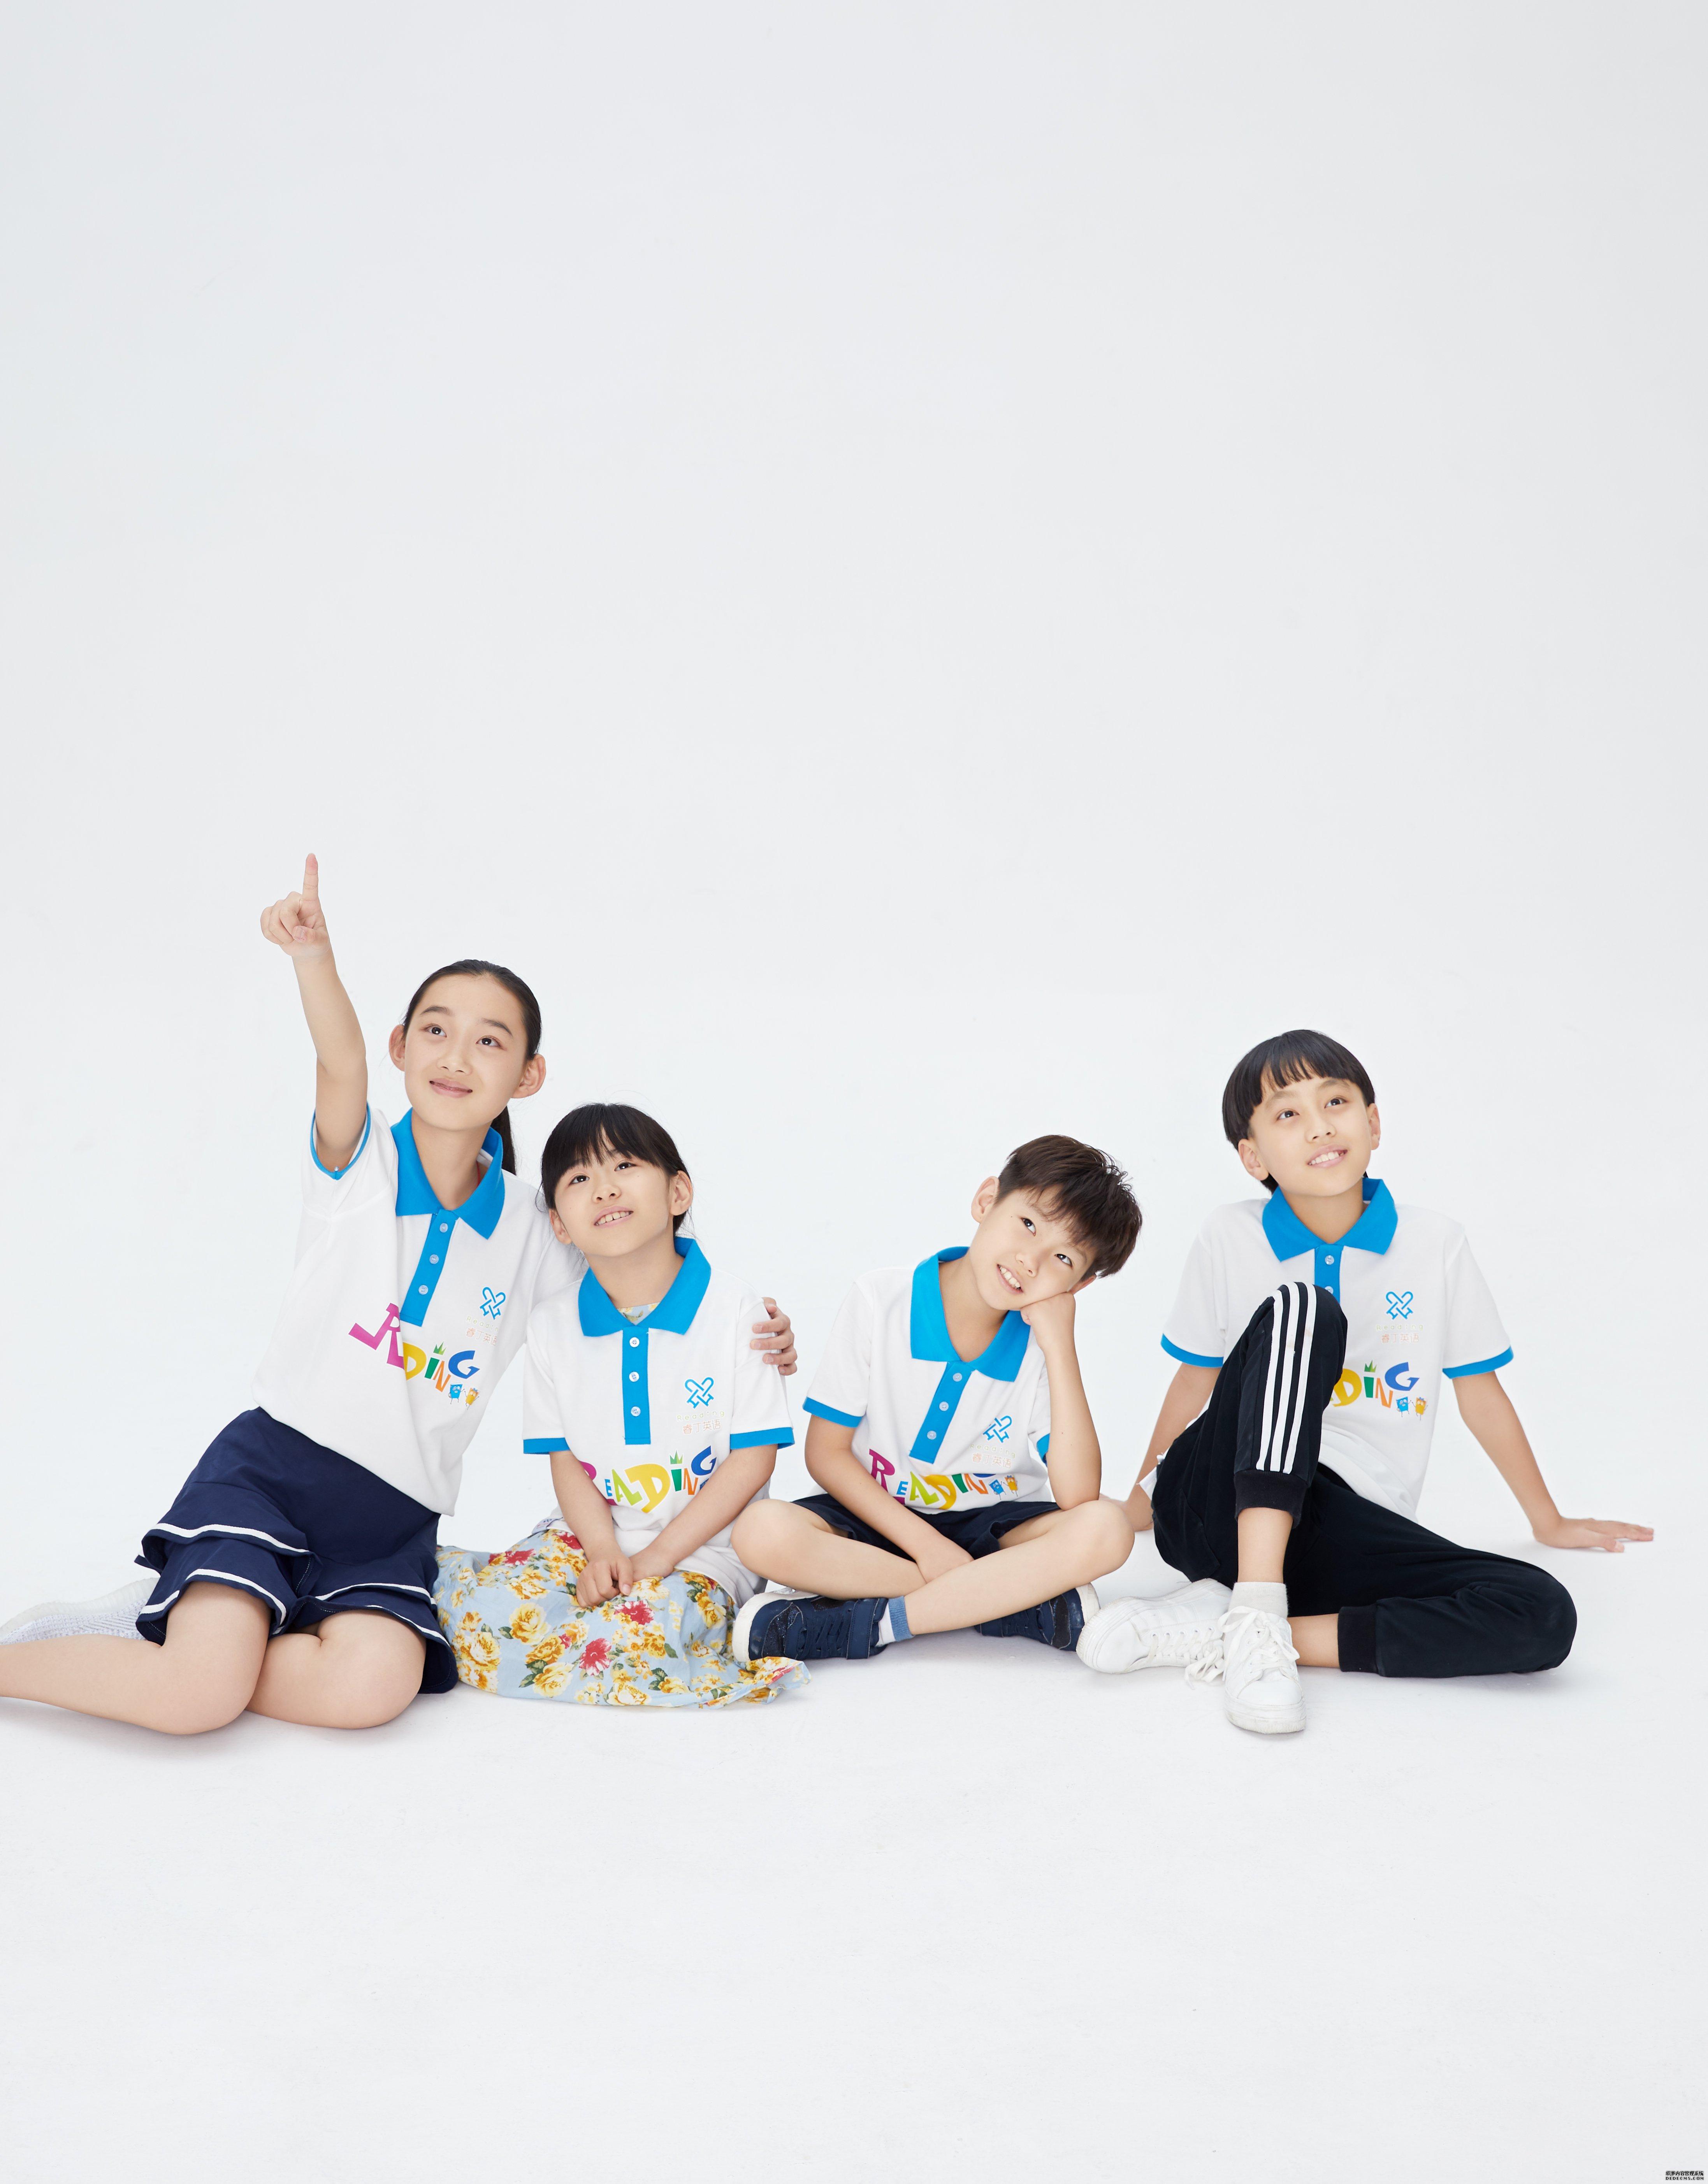 【睿丁教育】儿童英语启蒙教学应该怎样规划?